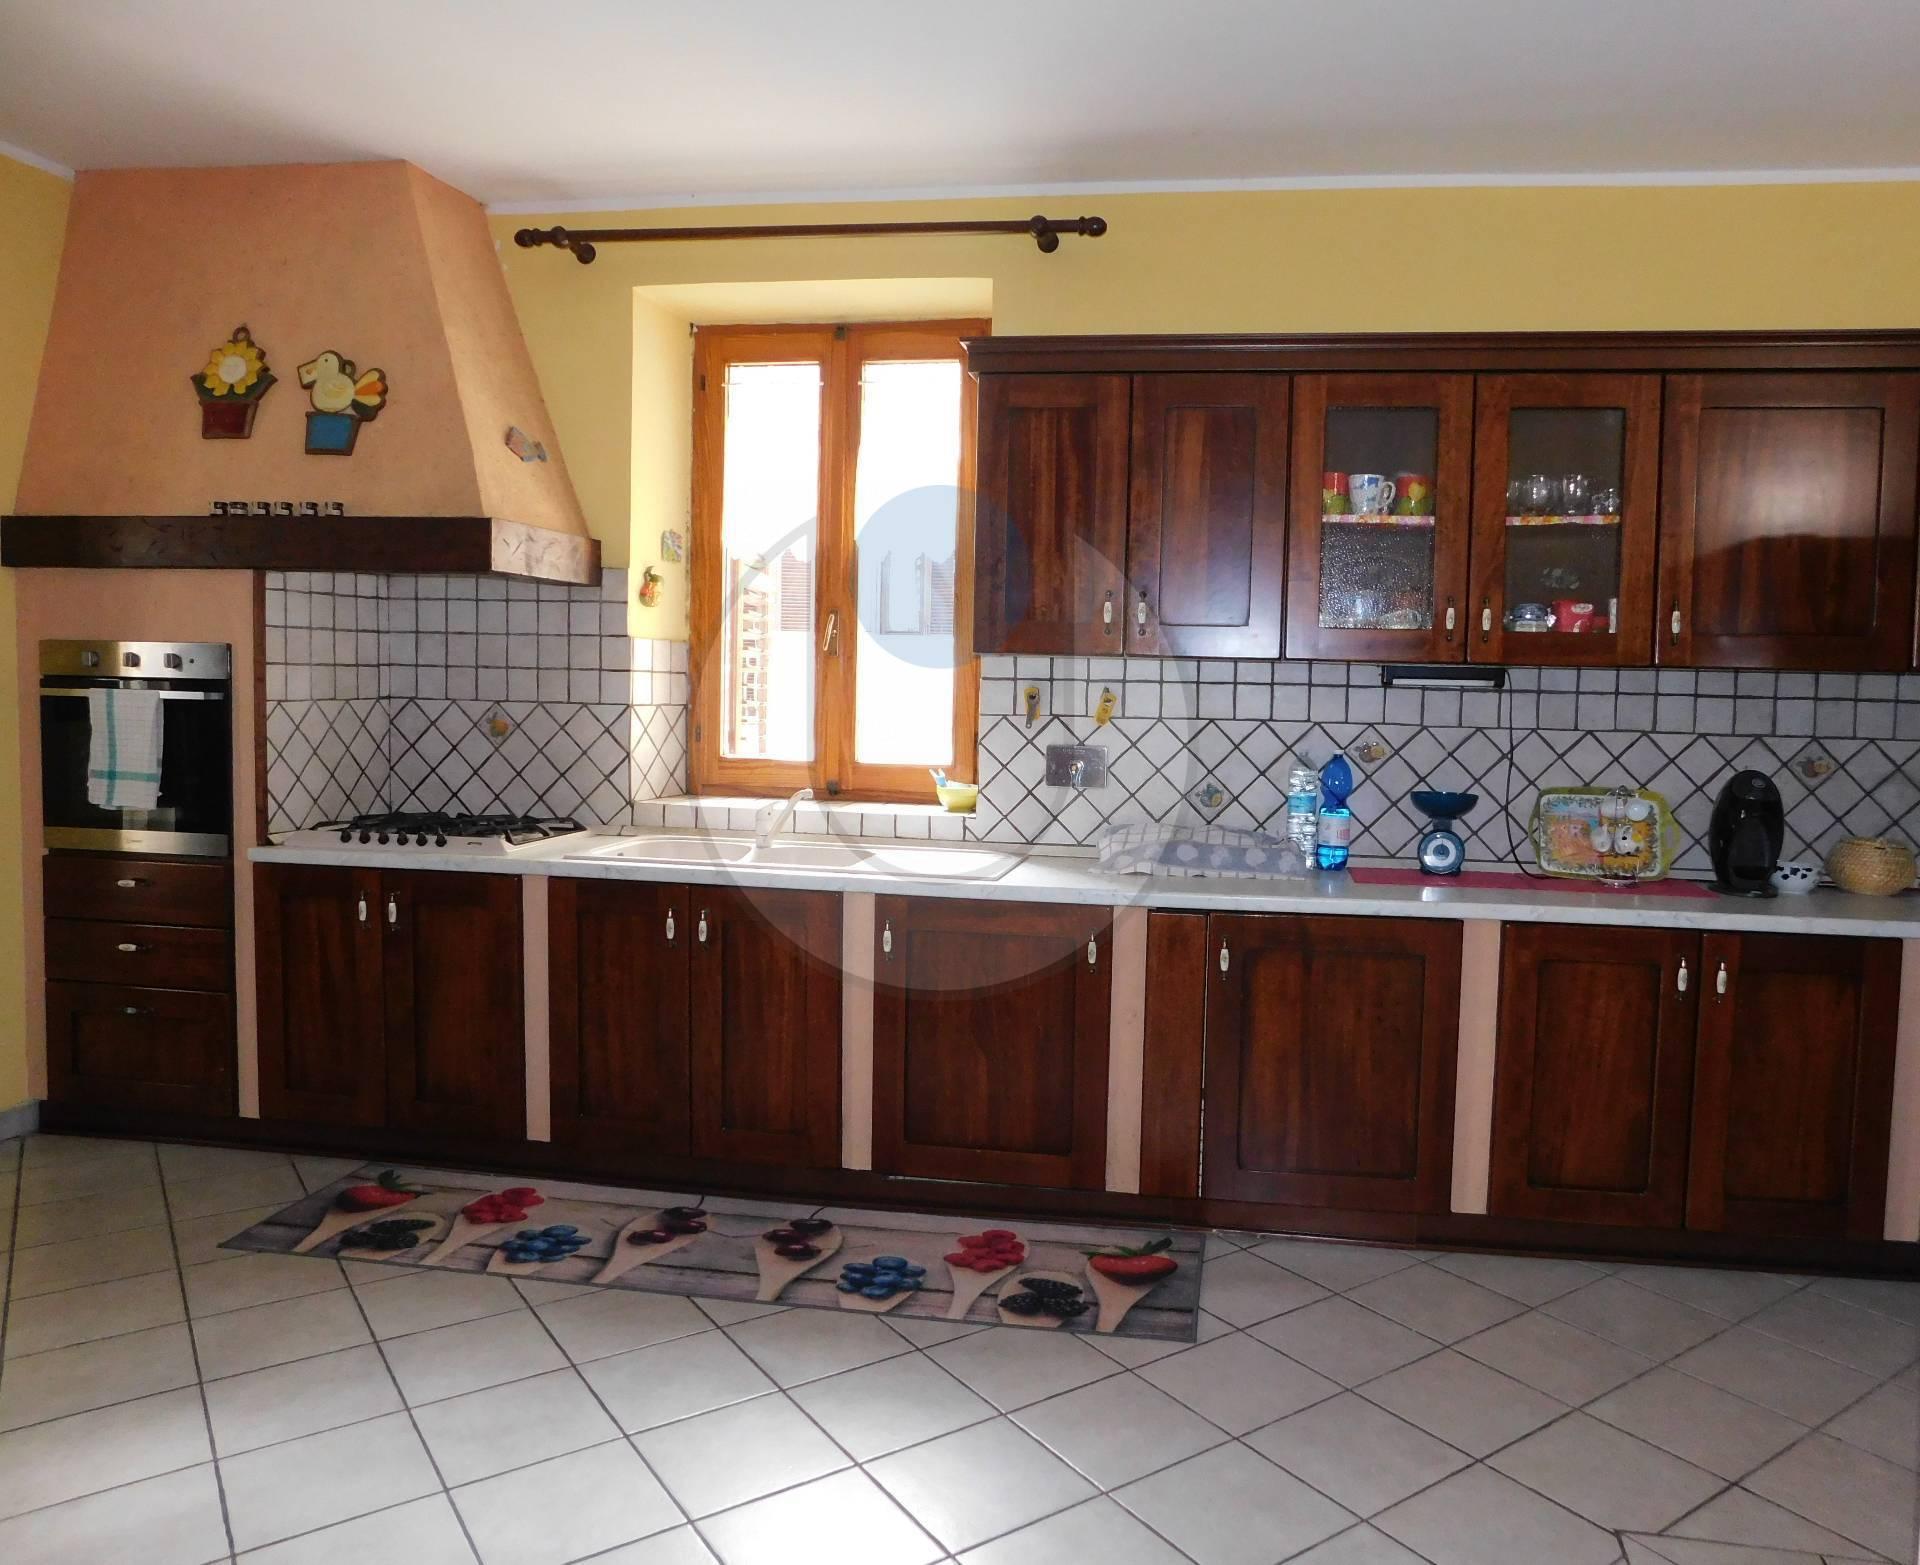 Appartamento in vendita a Giaveno, 8 locali, zona Località: Centro, prezzo € 149.000 | PortaleAgenzieImmobiliari.it